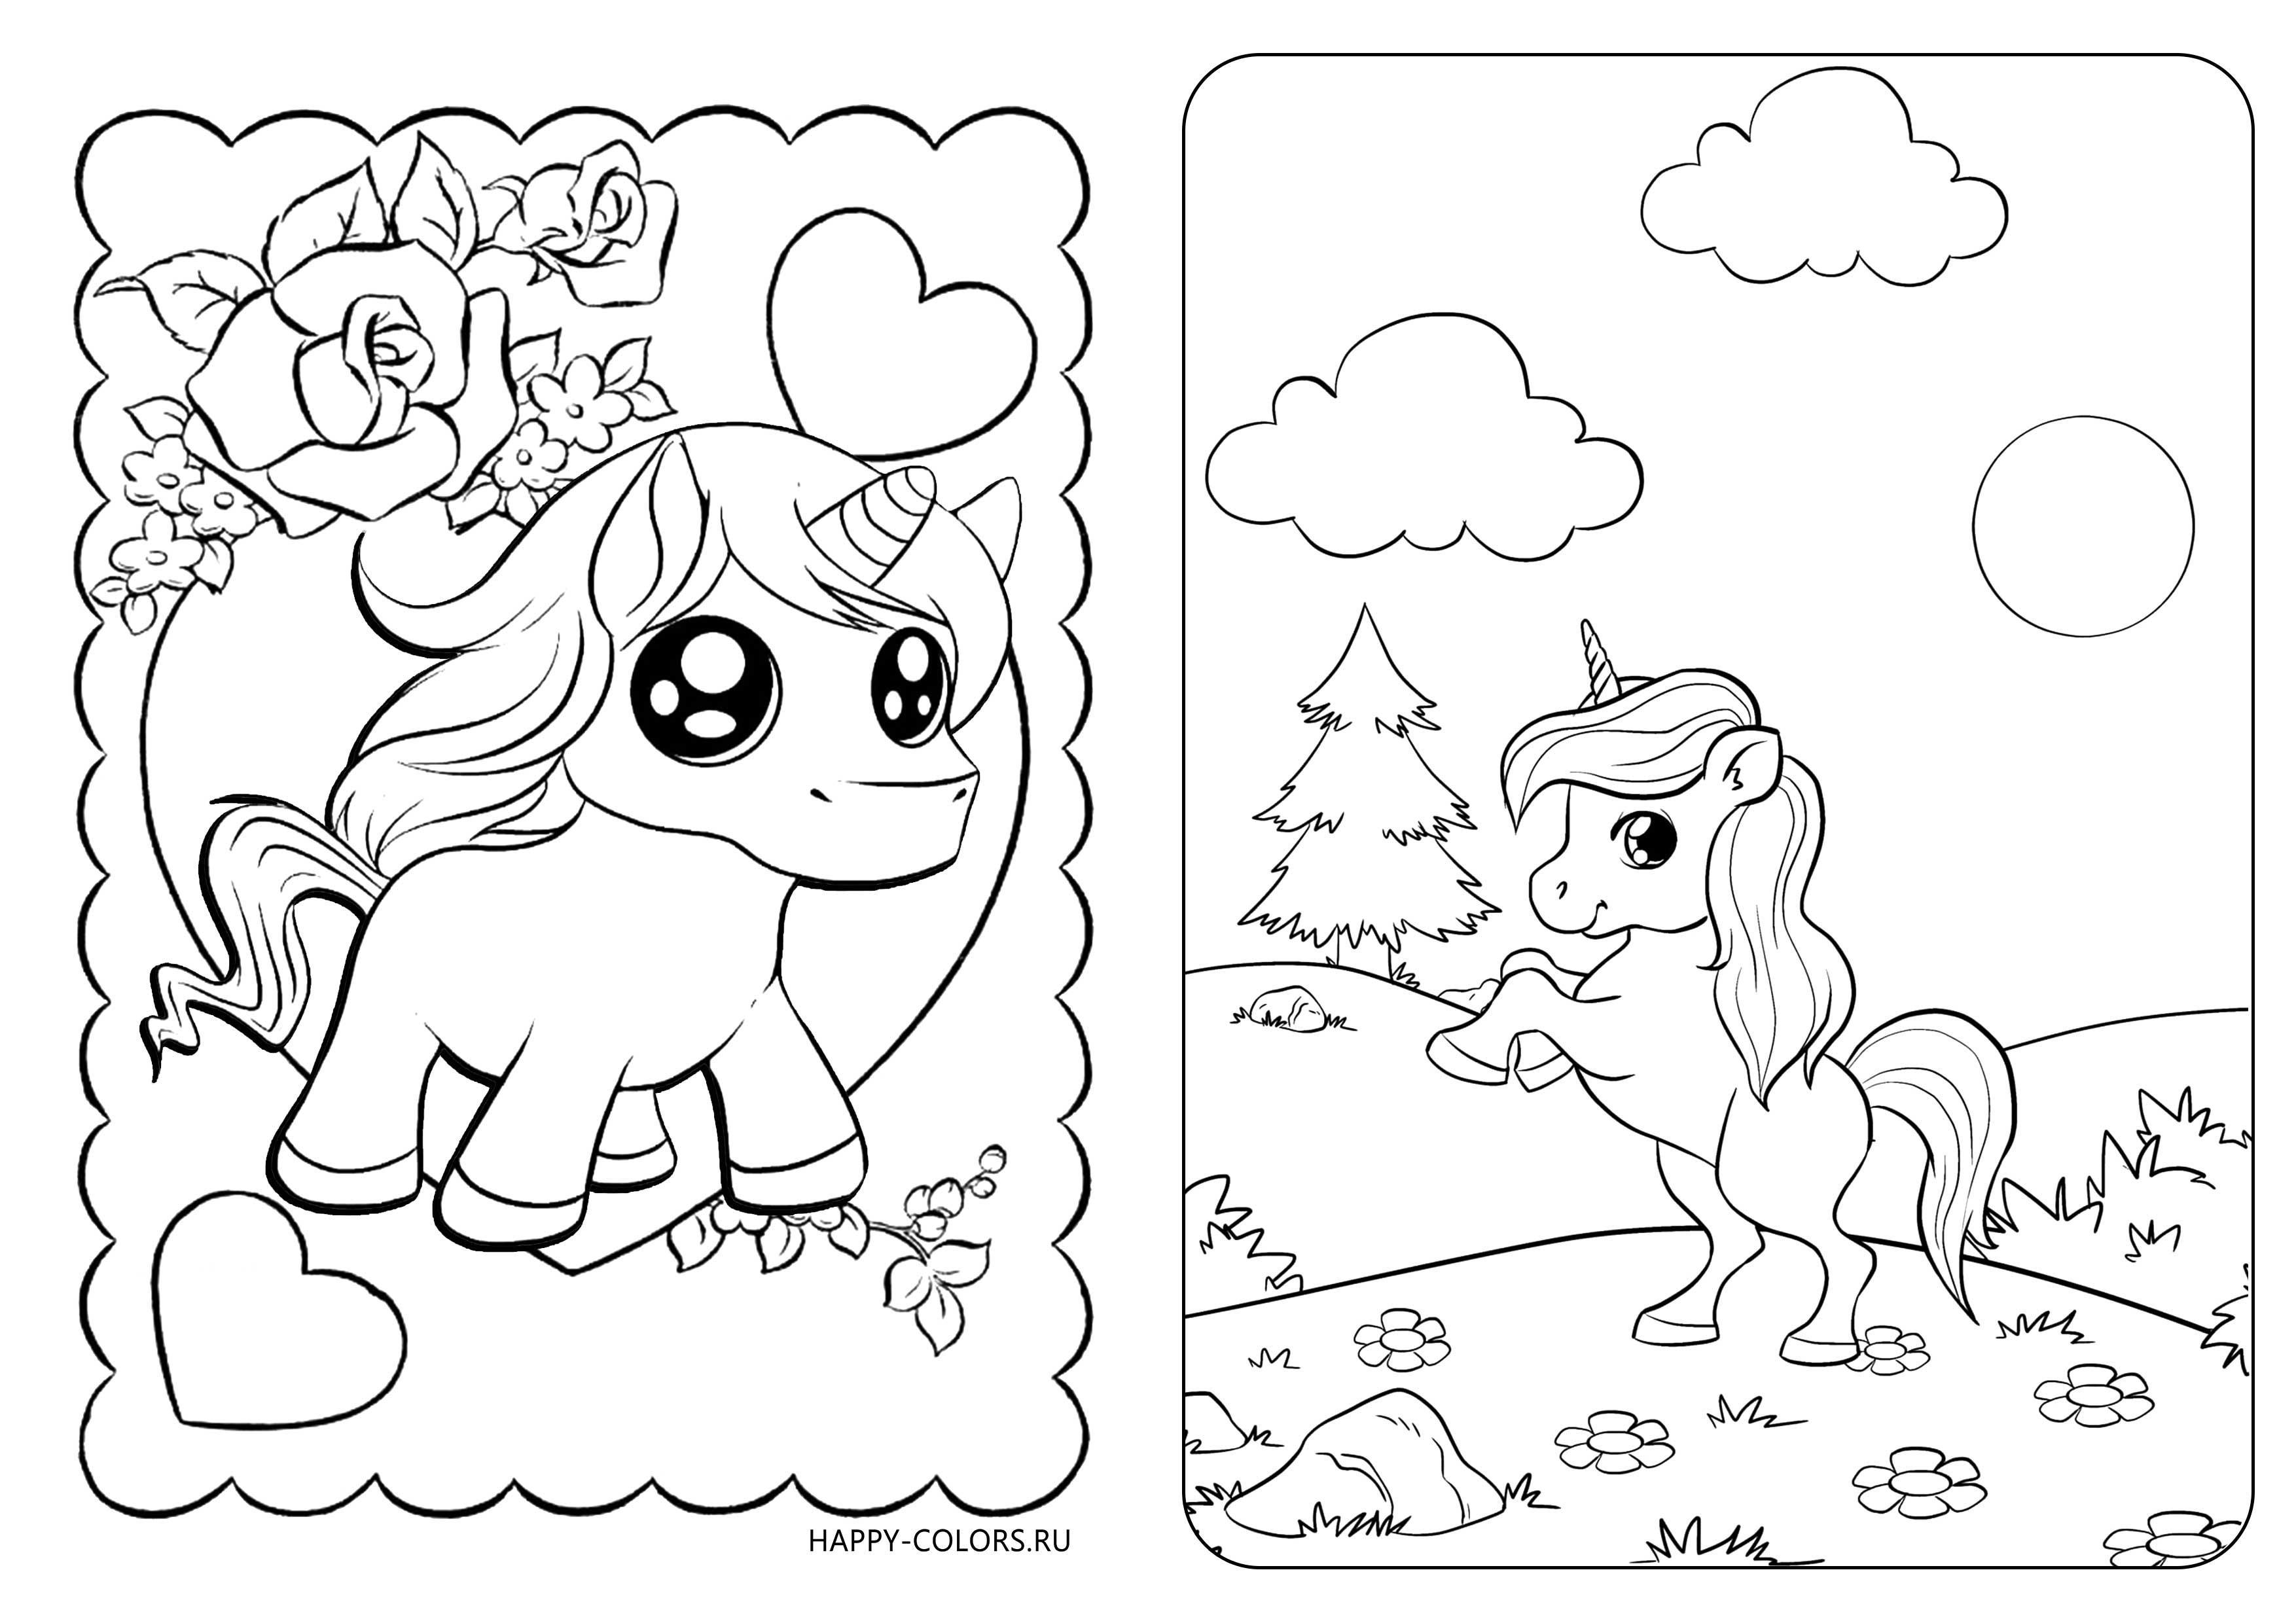 Раскраски Милые Единороги - распечатать бесплатно формат А4